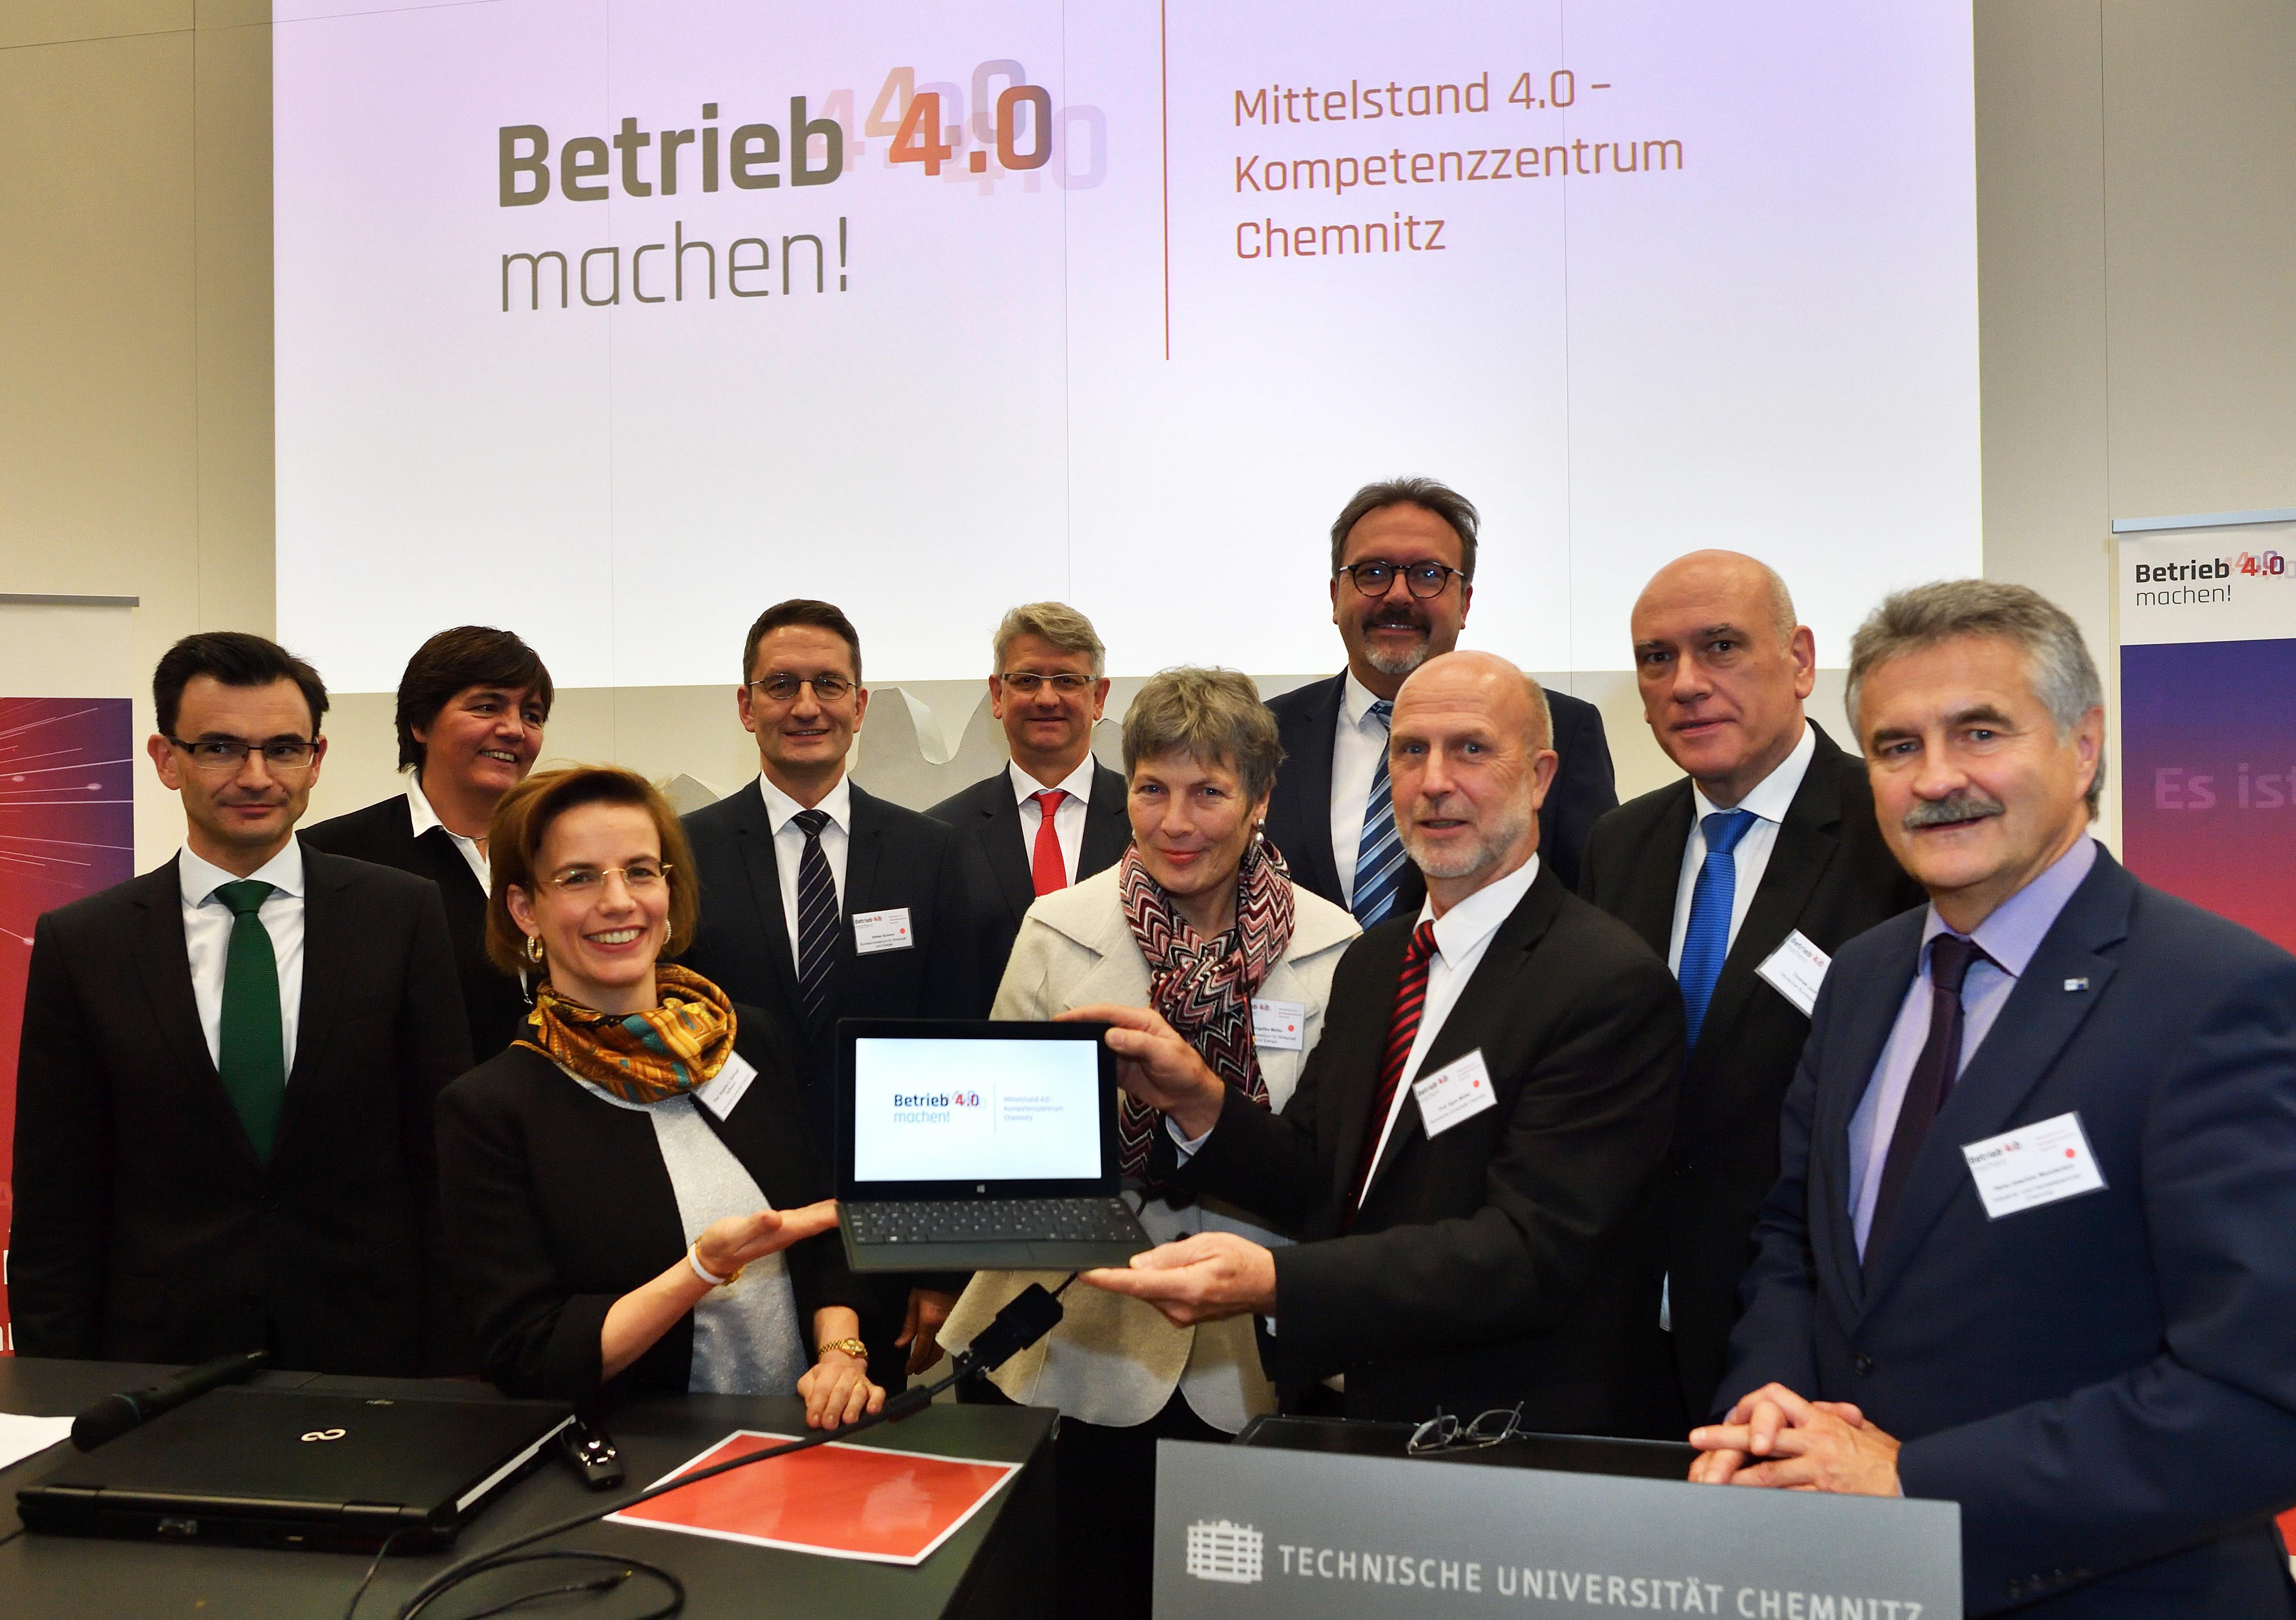 Vertreter der Konsortialpartner eröffneten gemeinsam mit Repräsentanten des Fördergebers BMWi sowie Vertretern der Bundes- und Landespolitik das Mittelstand 4.0-Kompetenzzentrum Chemnitz. || © Wolfgang Schmidt